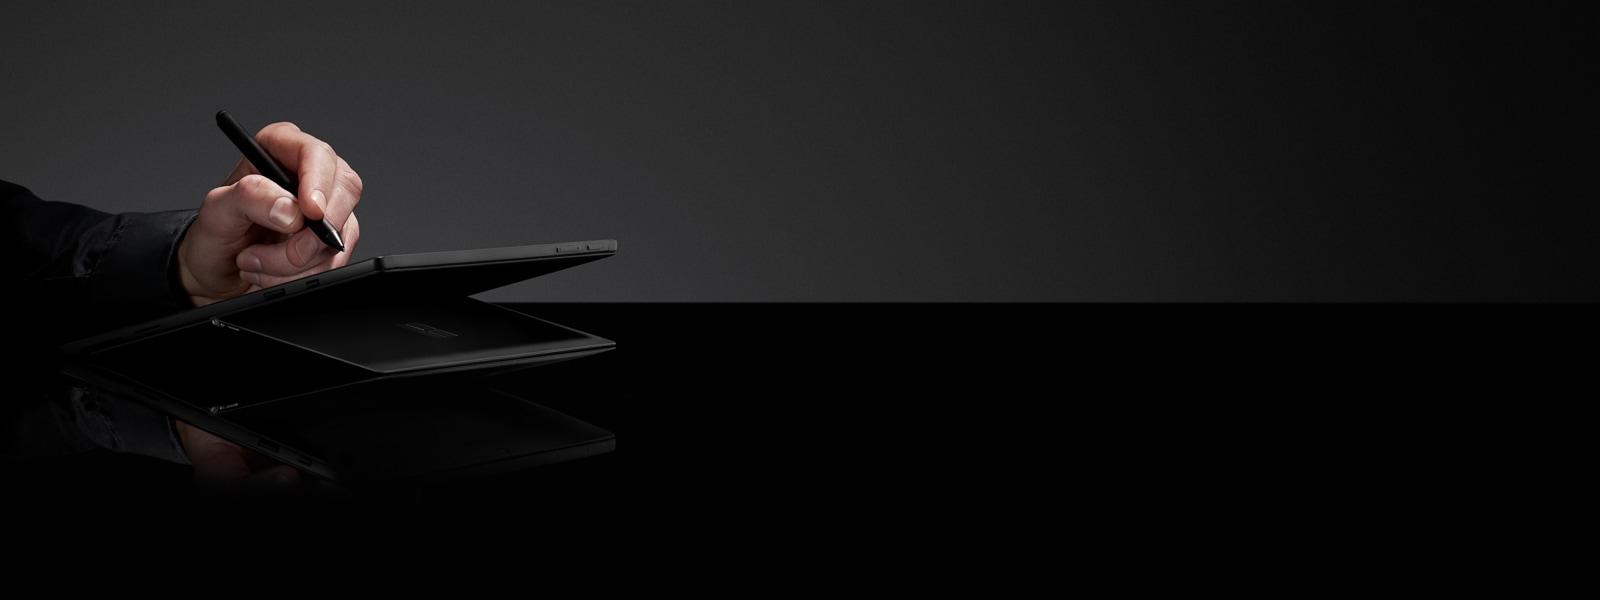 黑色背景下,一個人在典雅黑色顏色的 Surface Pro 6 上使用 Surface 觸控筆